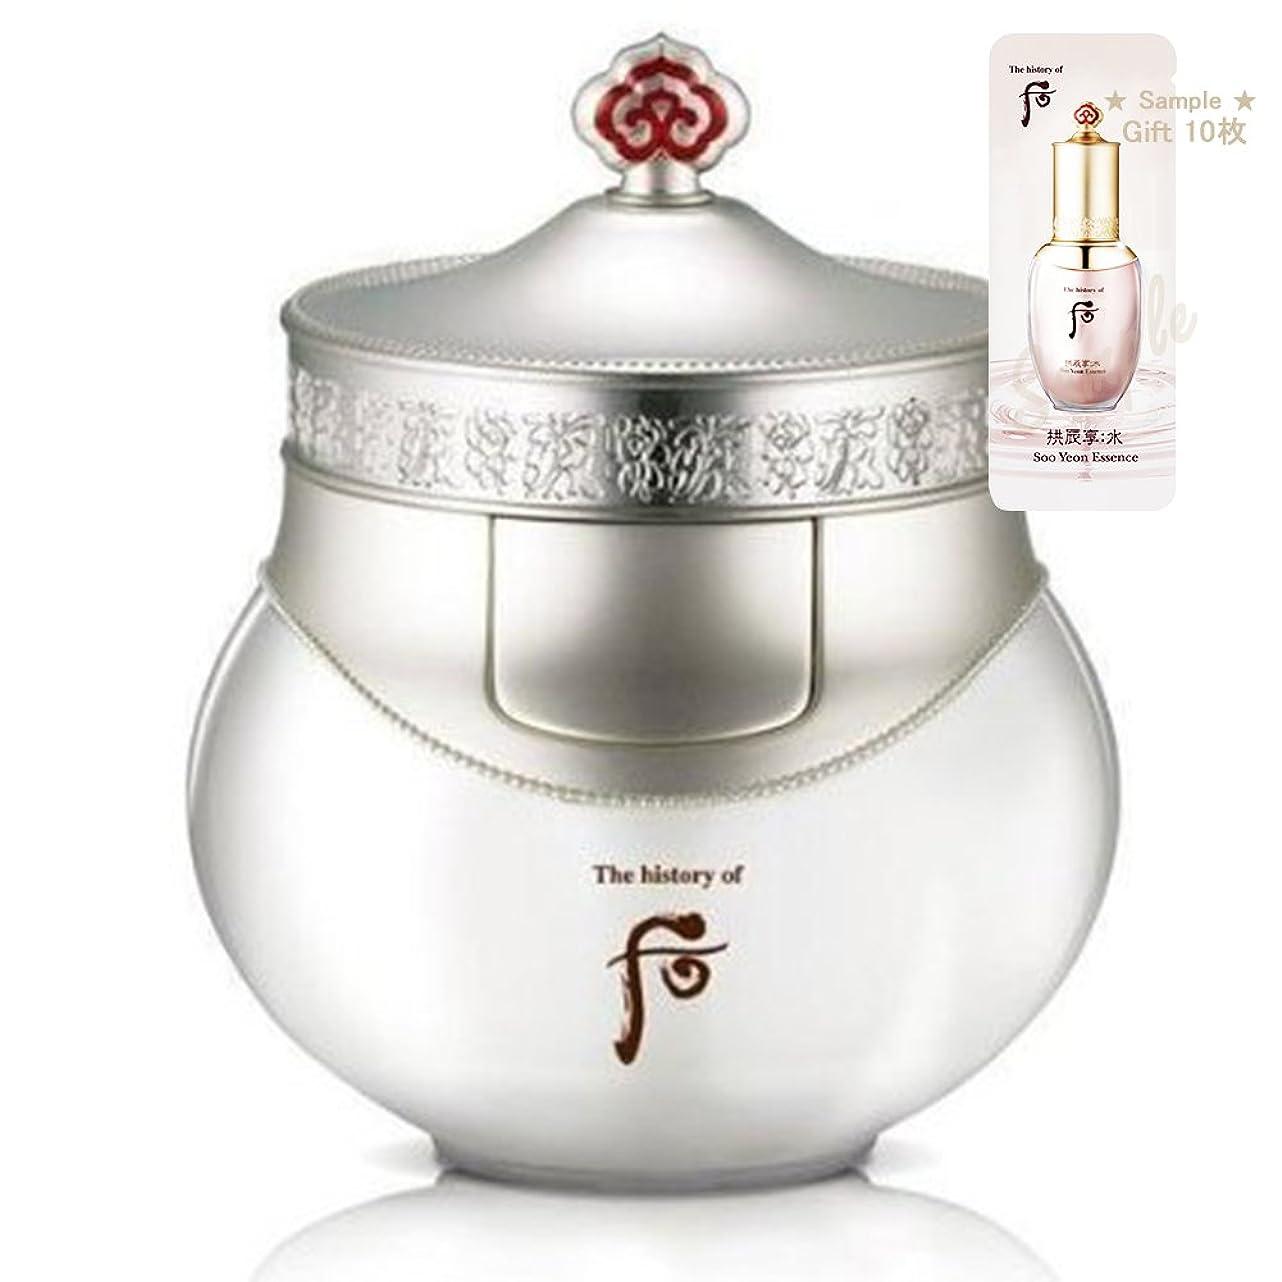 民主党輪郭対角線The history of whoo Gongjinhyang Seol Whitening & Mositure Cream - 60ml[並行輸入品]